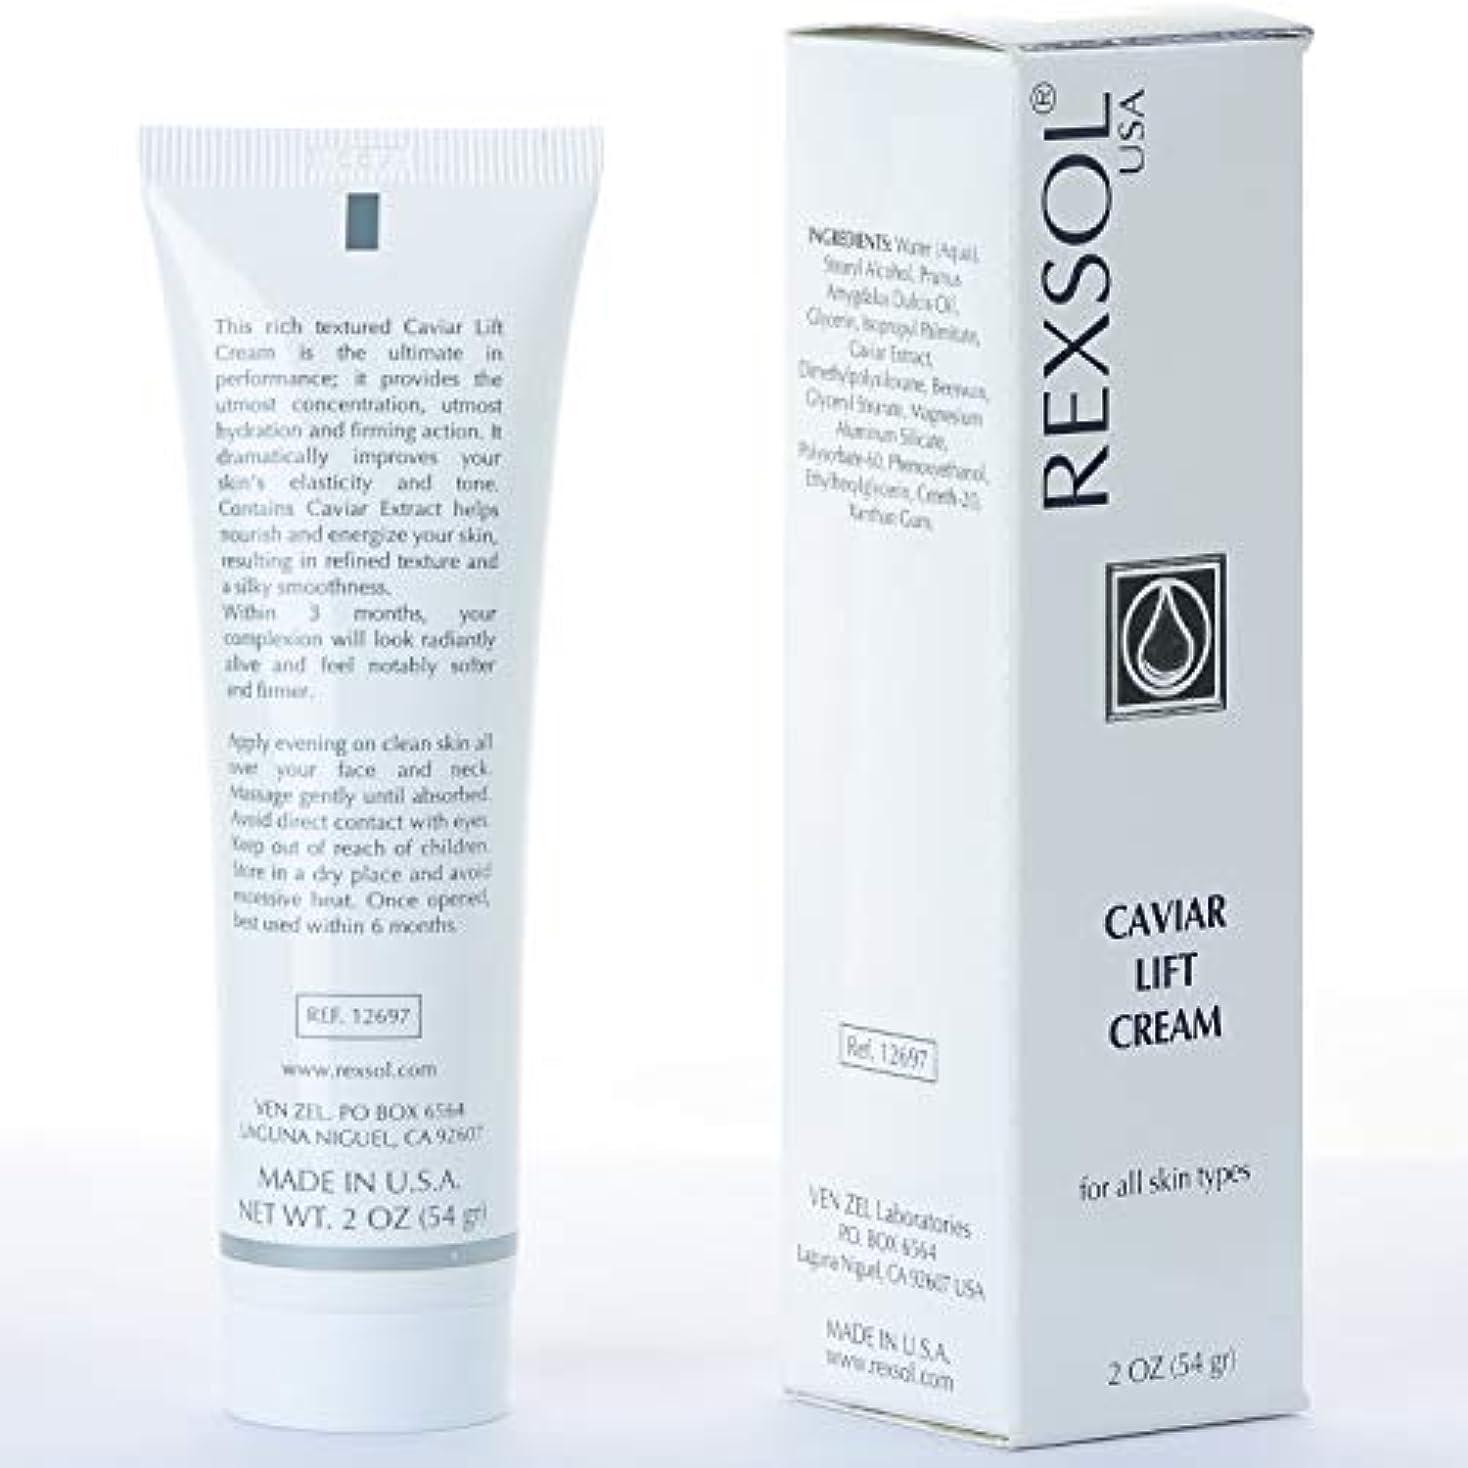 セッションアンケート結果としてREXSOL Caviar Lift Cream | Contains Prunus Amygdalus Dulcis Oil, Glycerin, Beeswax & Caviar Extract | あなたの肌の弾力...